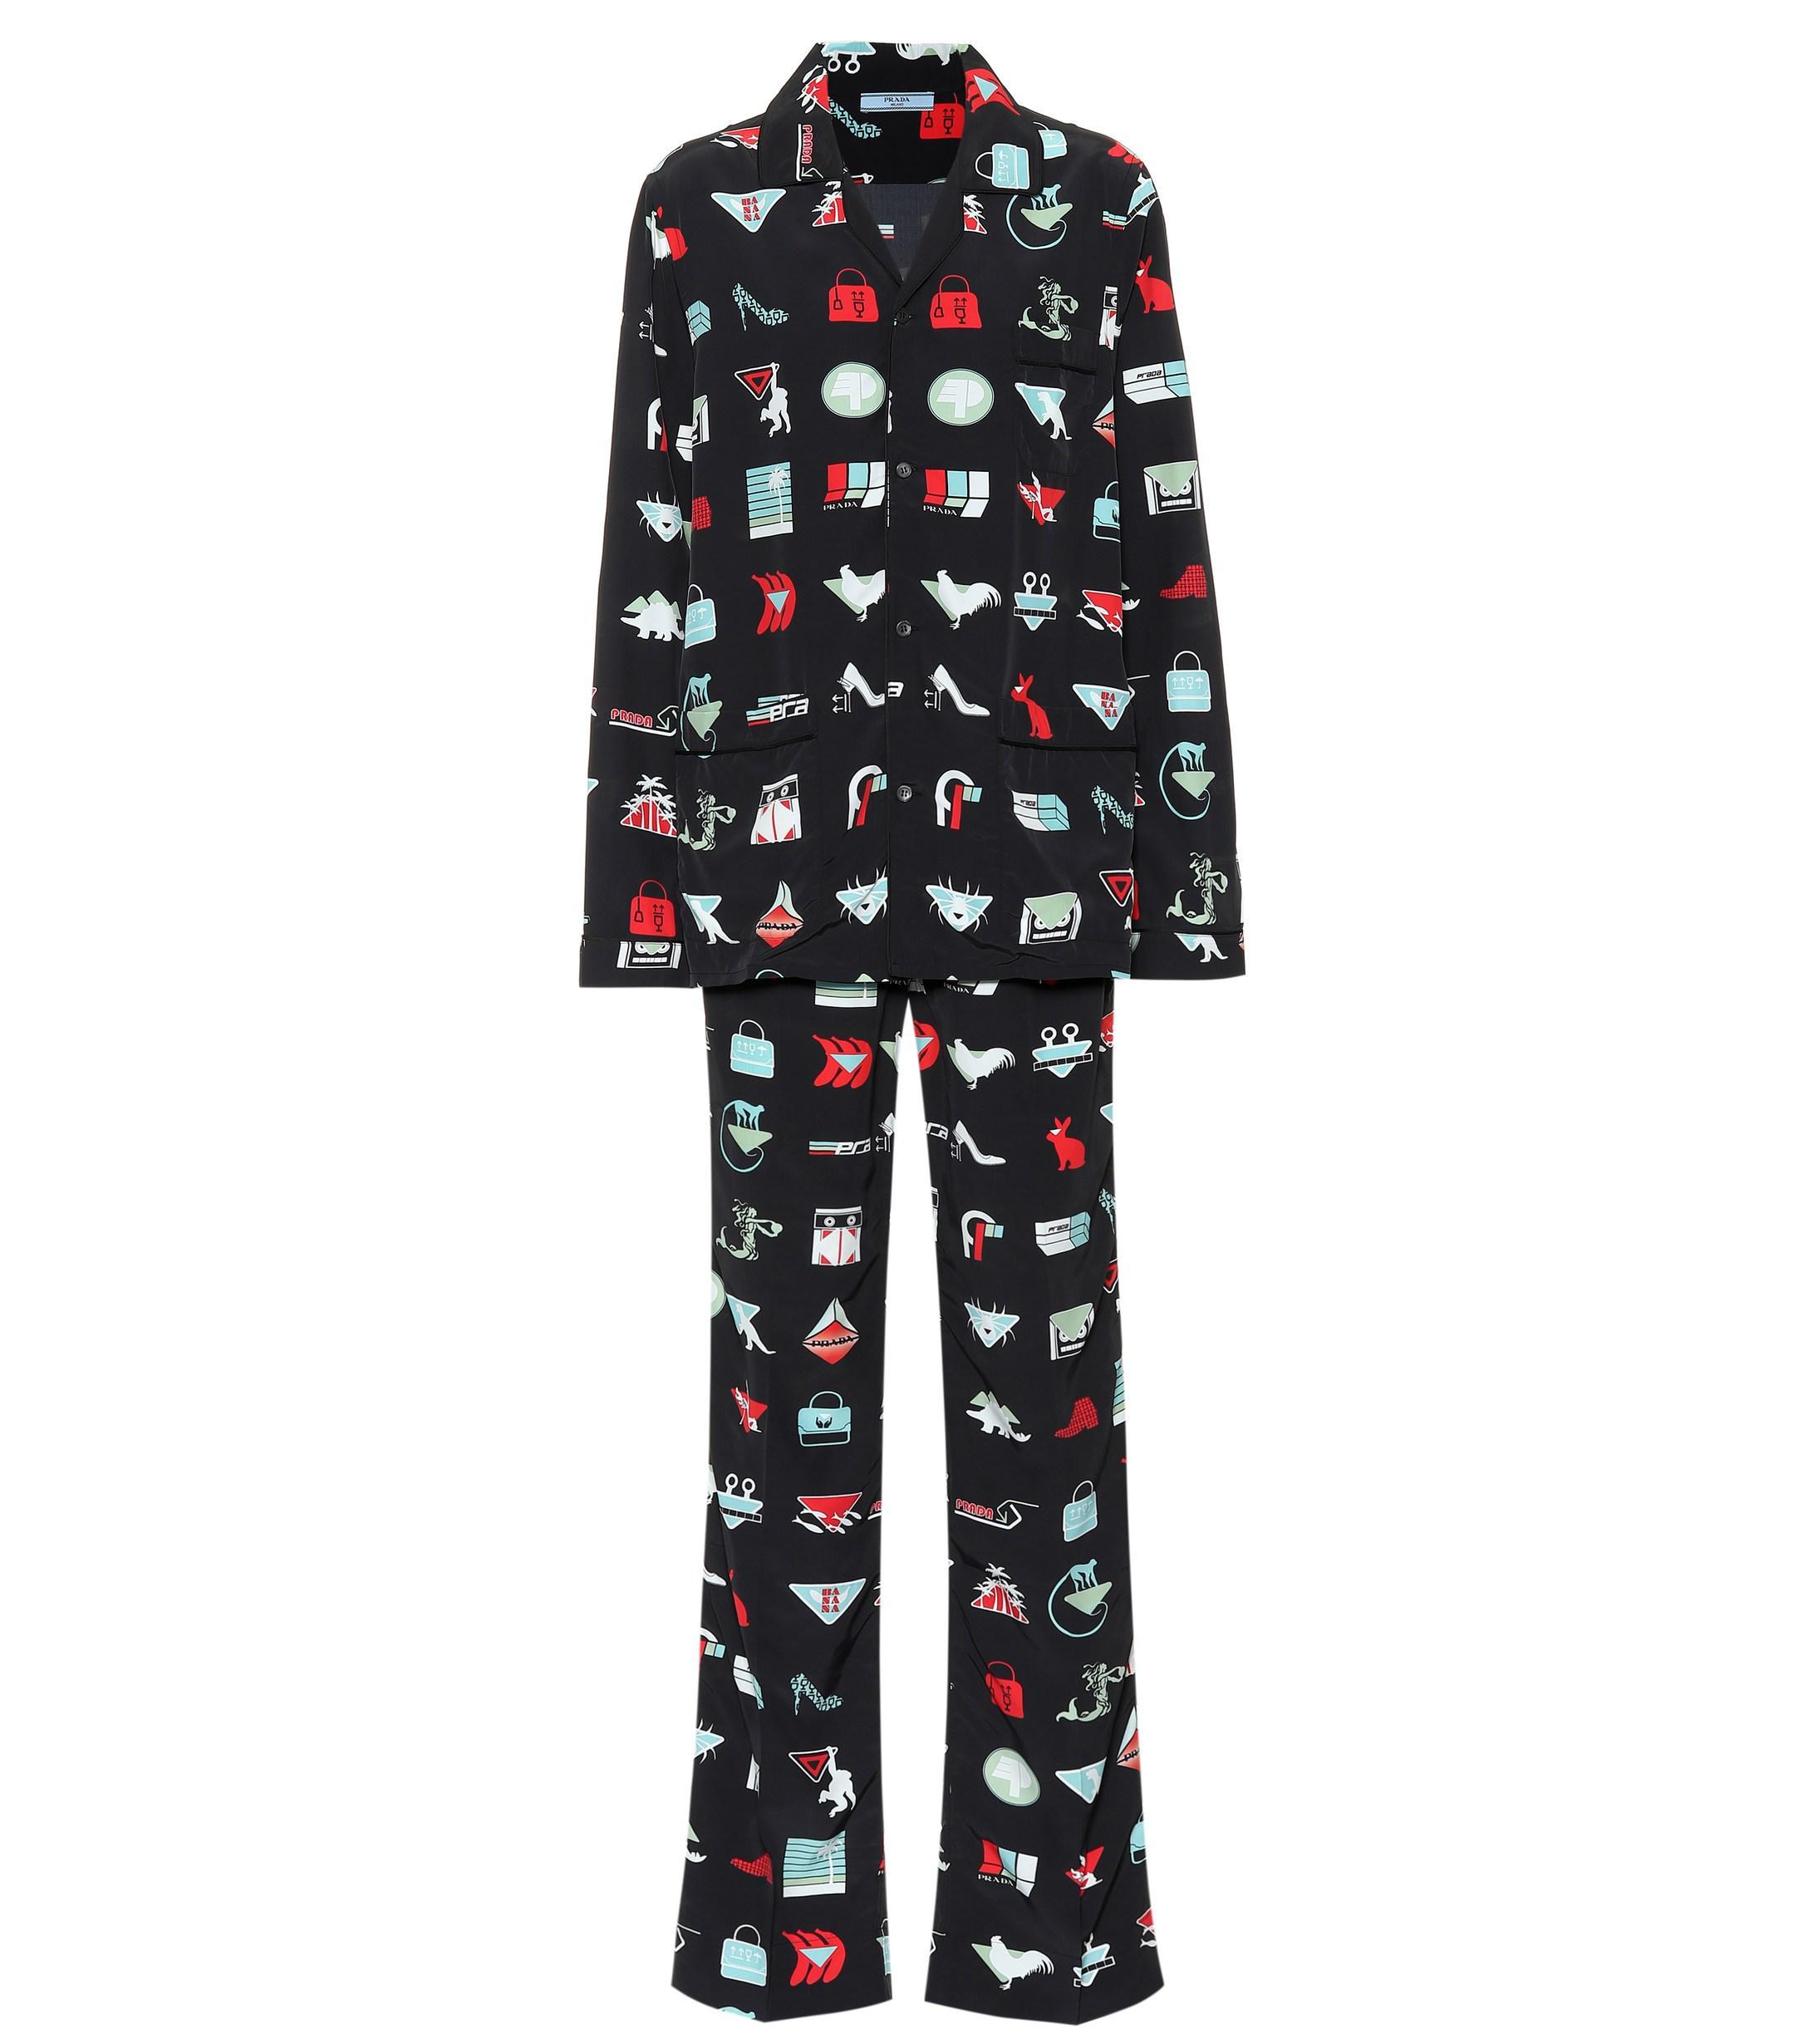 ba204d3948 Prada - Black Printed Pajama Set - Lyst. View fullscreen